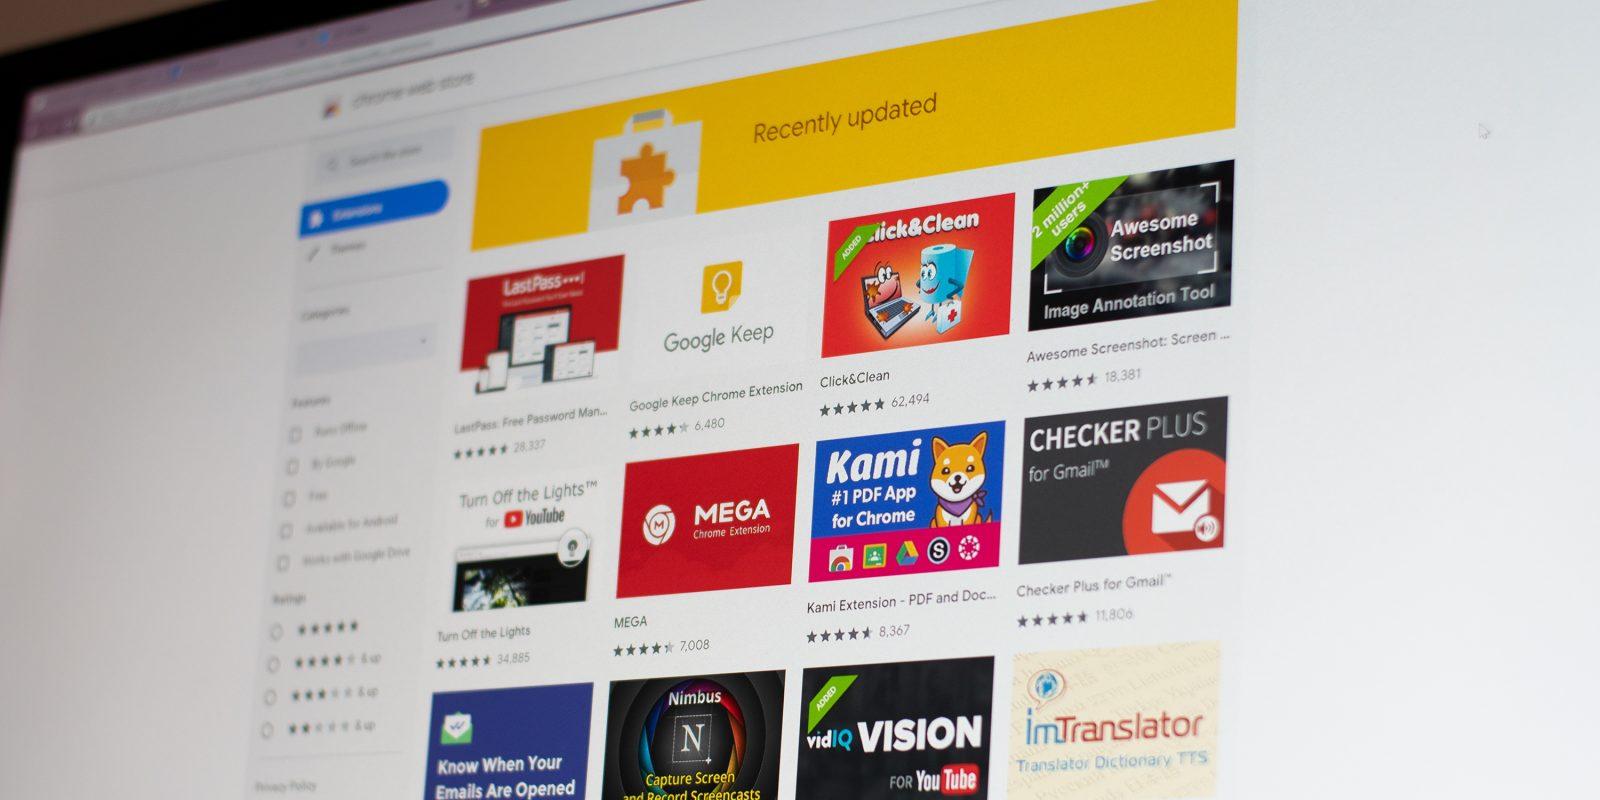 Google revient sur les modifications apportées à Chrome visant à pénaliser les adblockers